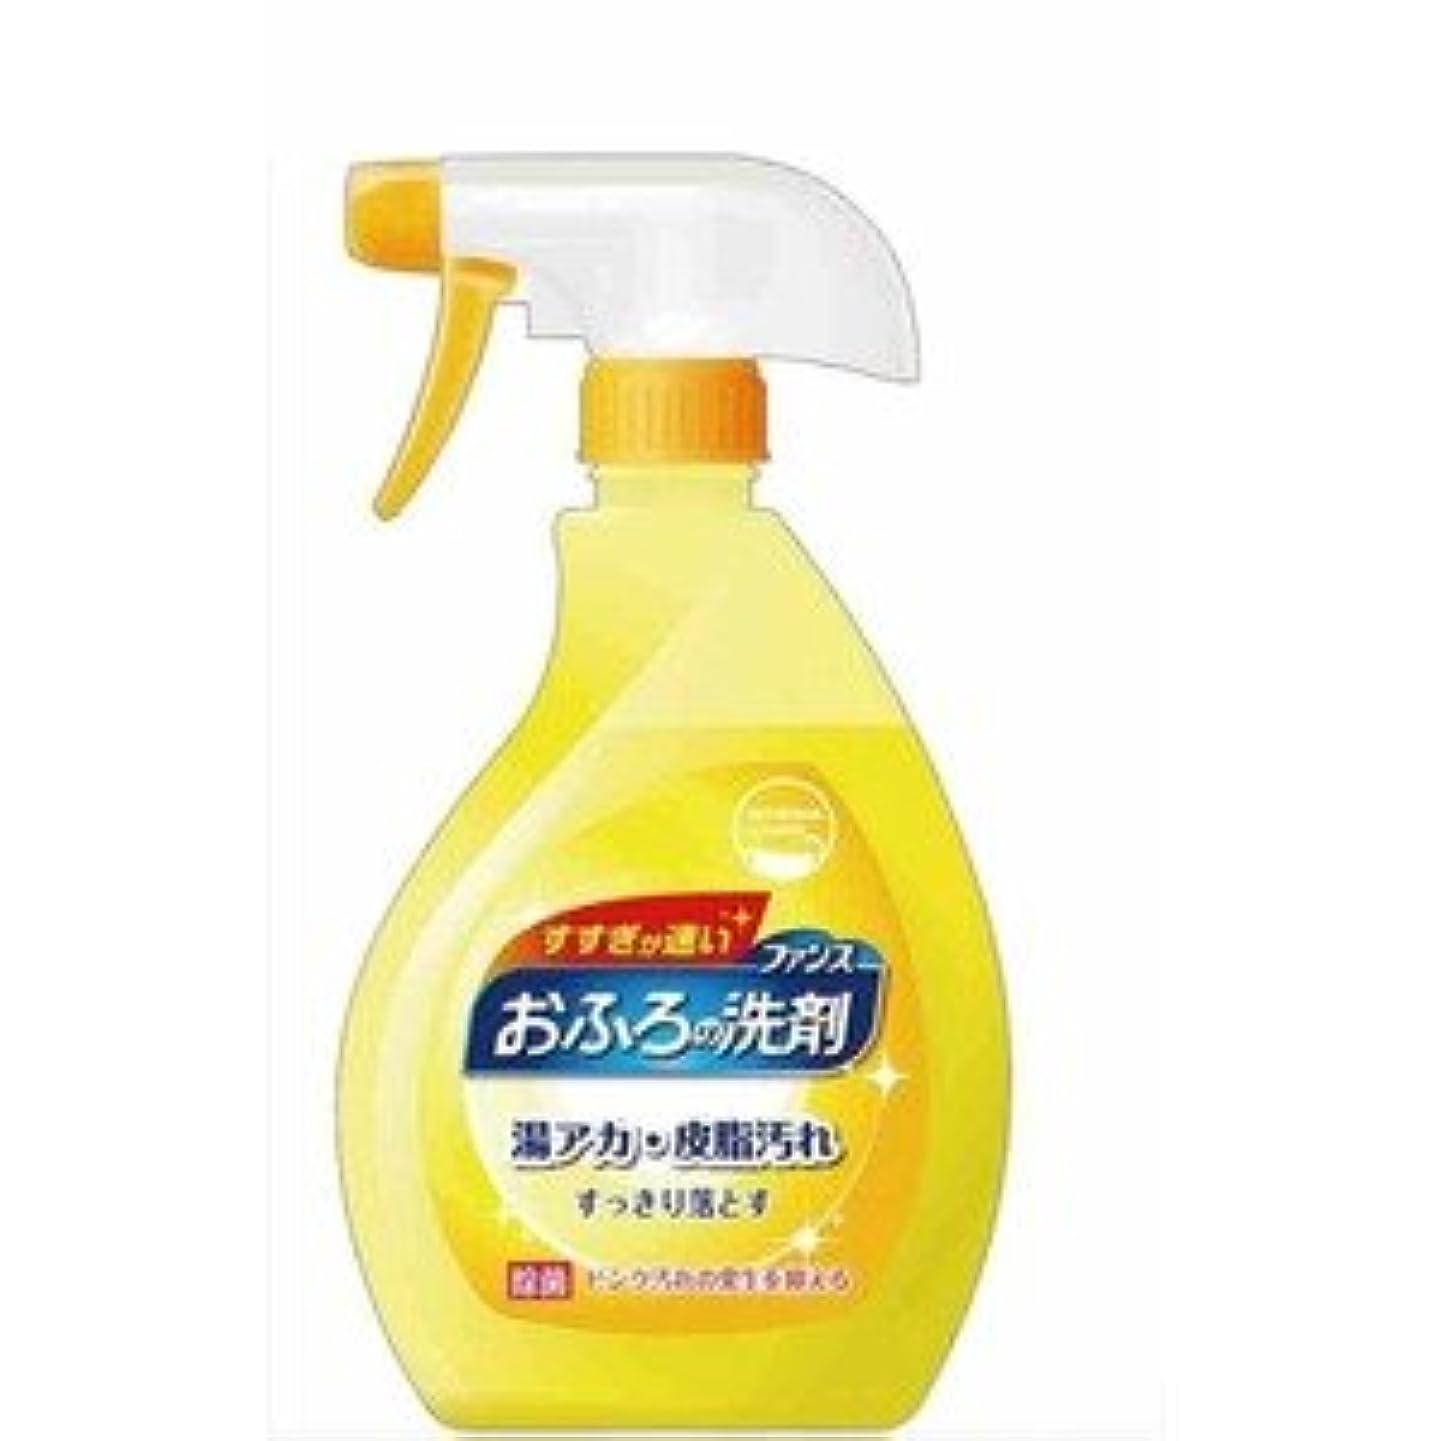 メーカーほうき宿るルファンスおふろの洗剤オレンジミント本体380ml 46-238 【120個セット】